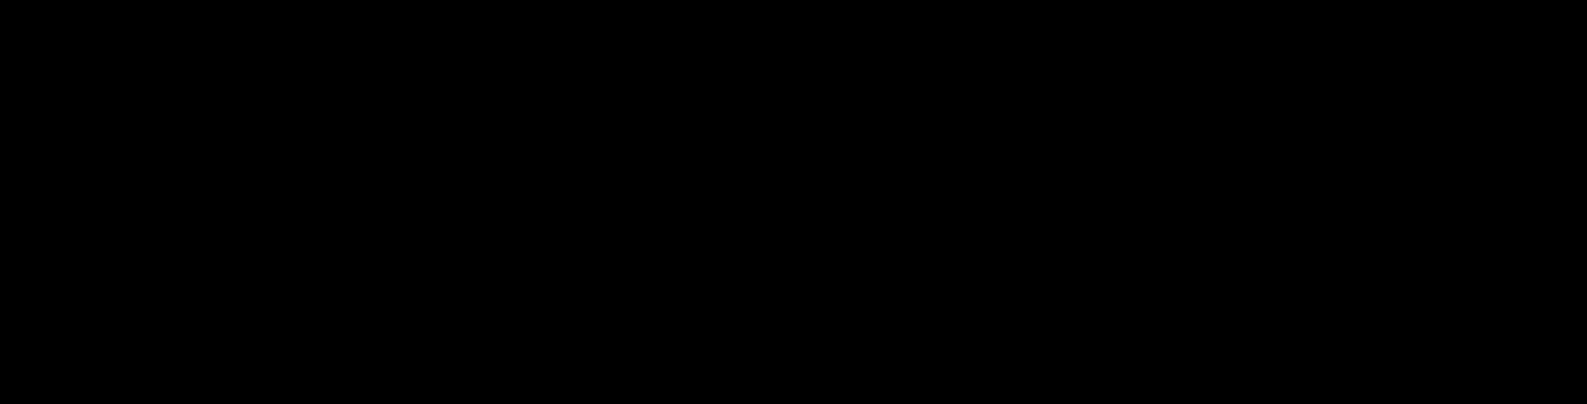 lm-corsair-harley-suzuki-2.png